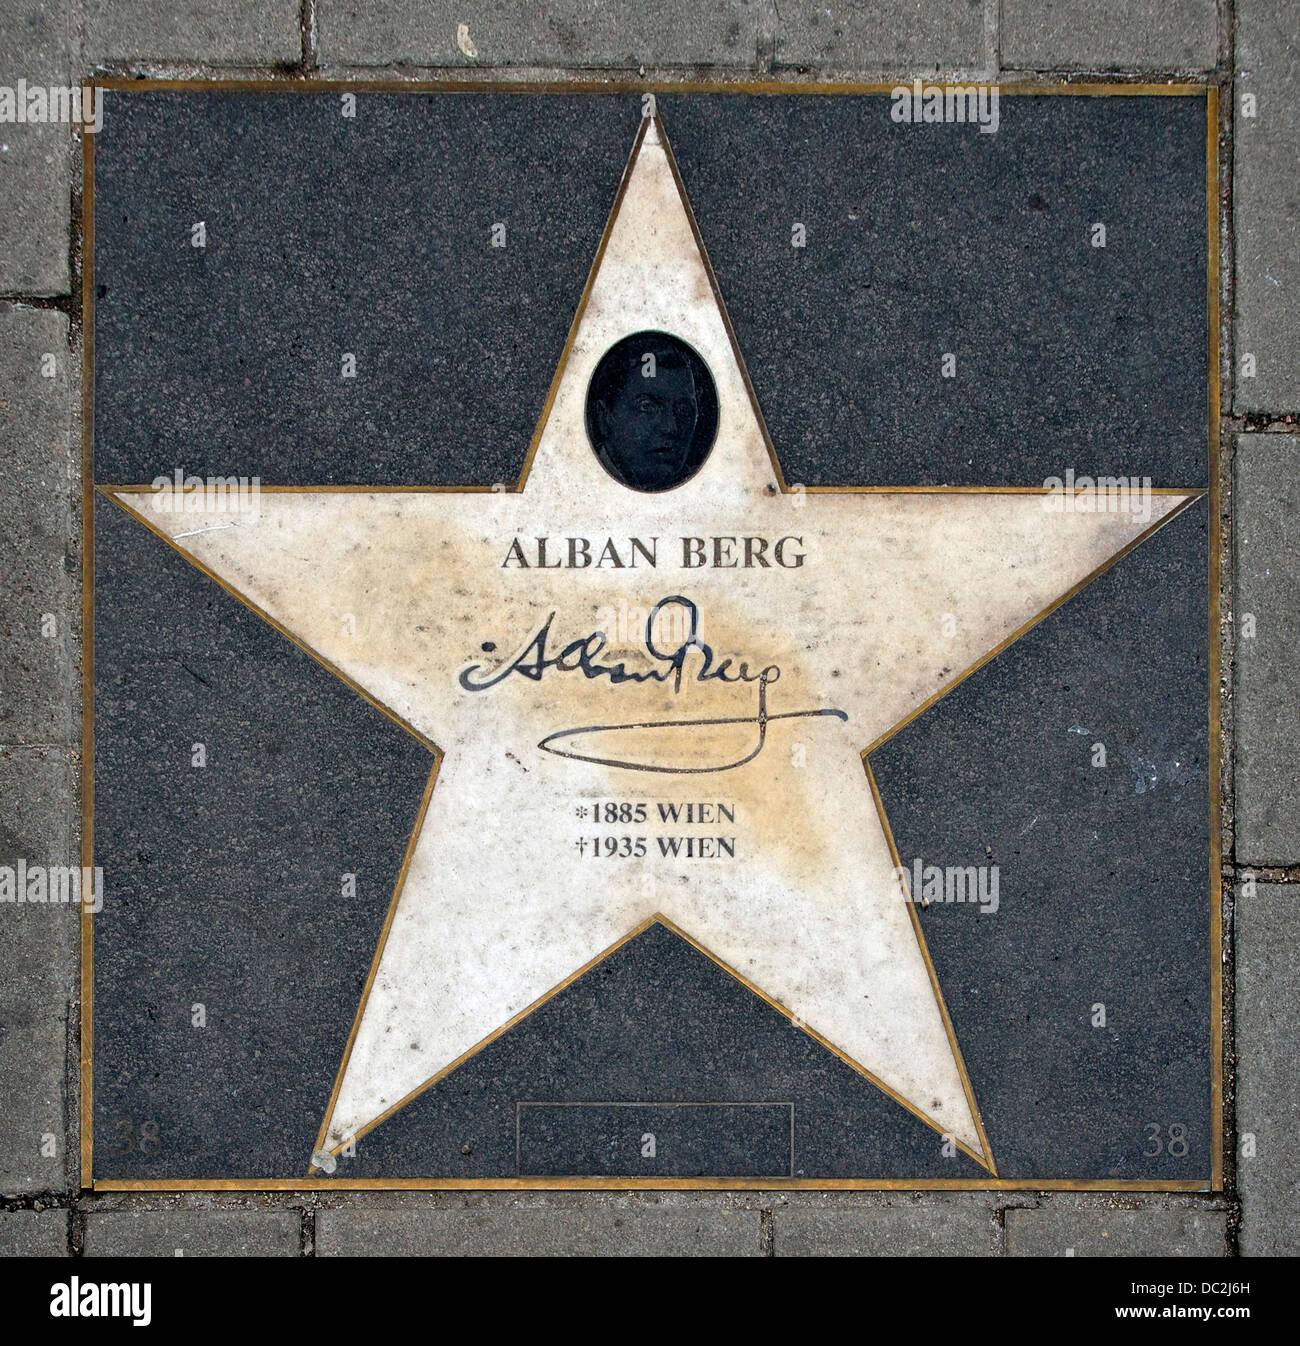 Der Stern von Alban Berg, auf dem Boden vor der Staatsoper, Wien, Österreich Stockbild